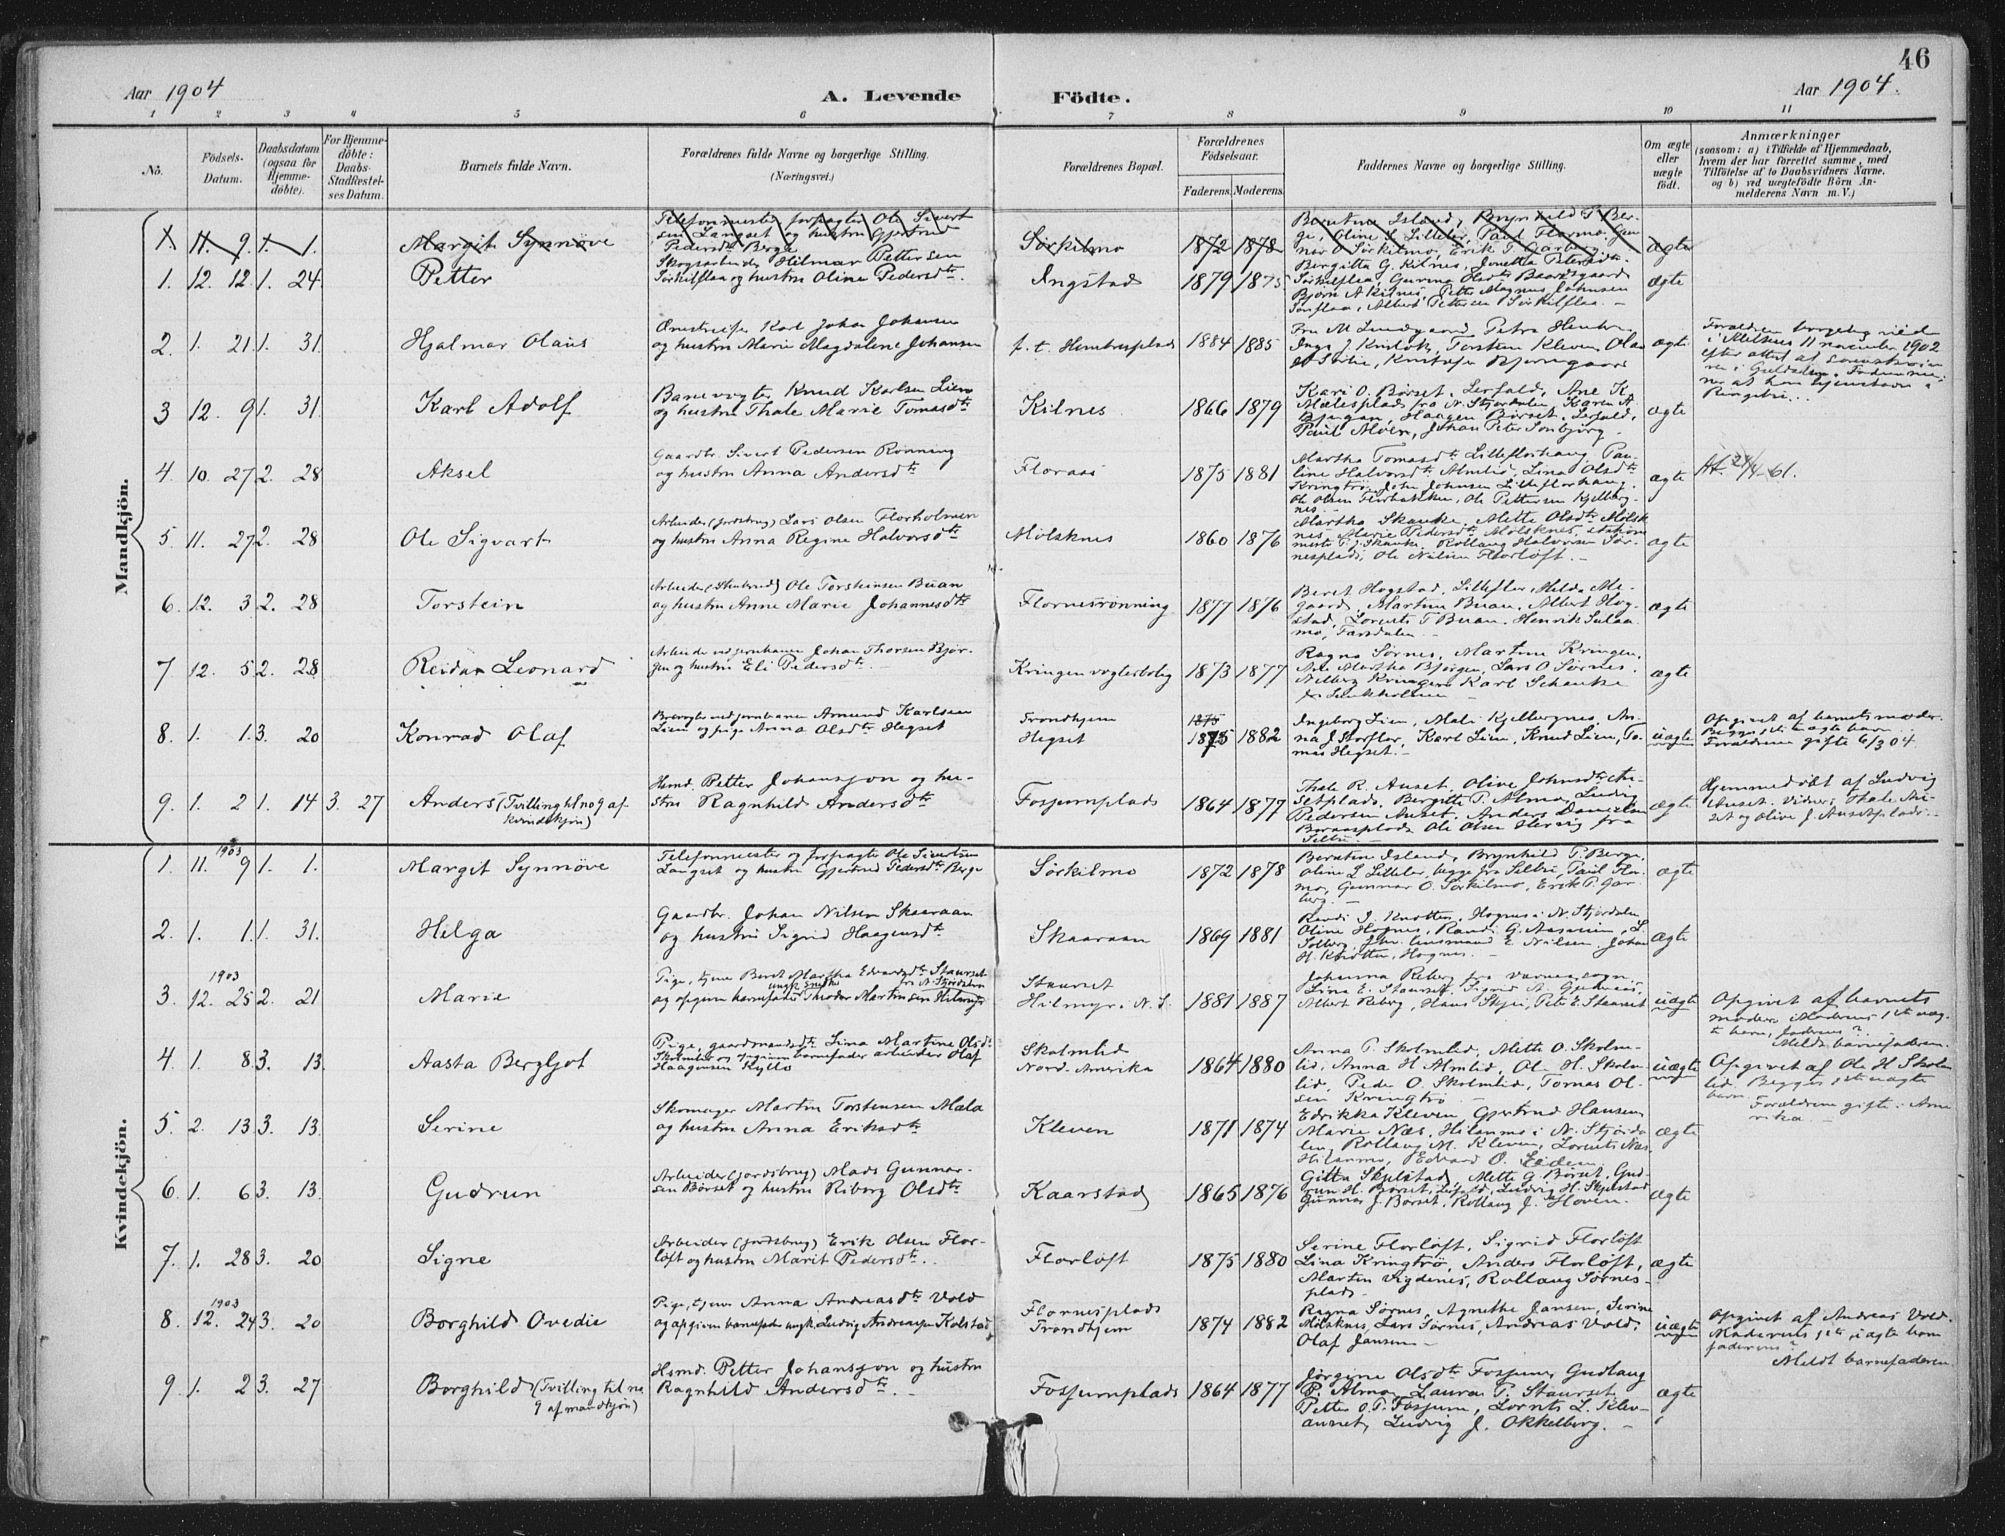 SAT, Ministerialprotokoller, klokkerbøker og fødselsregistre - Nord-Trøndelag, 703/L0031: Ministerialbok nr. 703A04, 1893-1914, s. 46